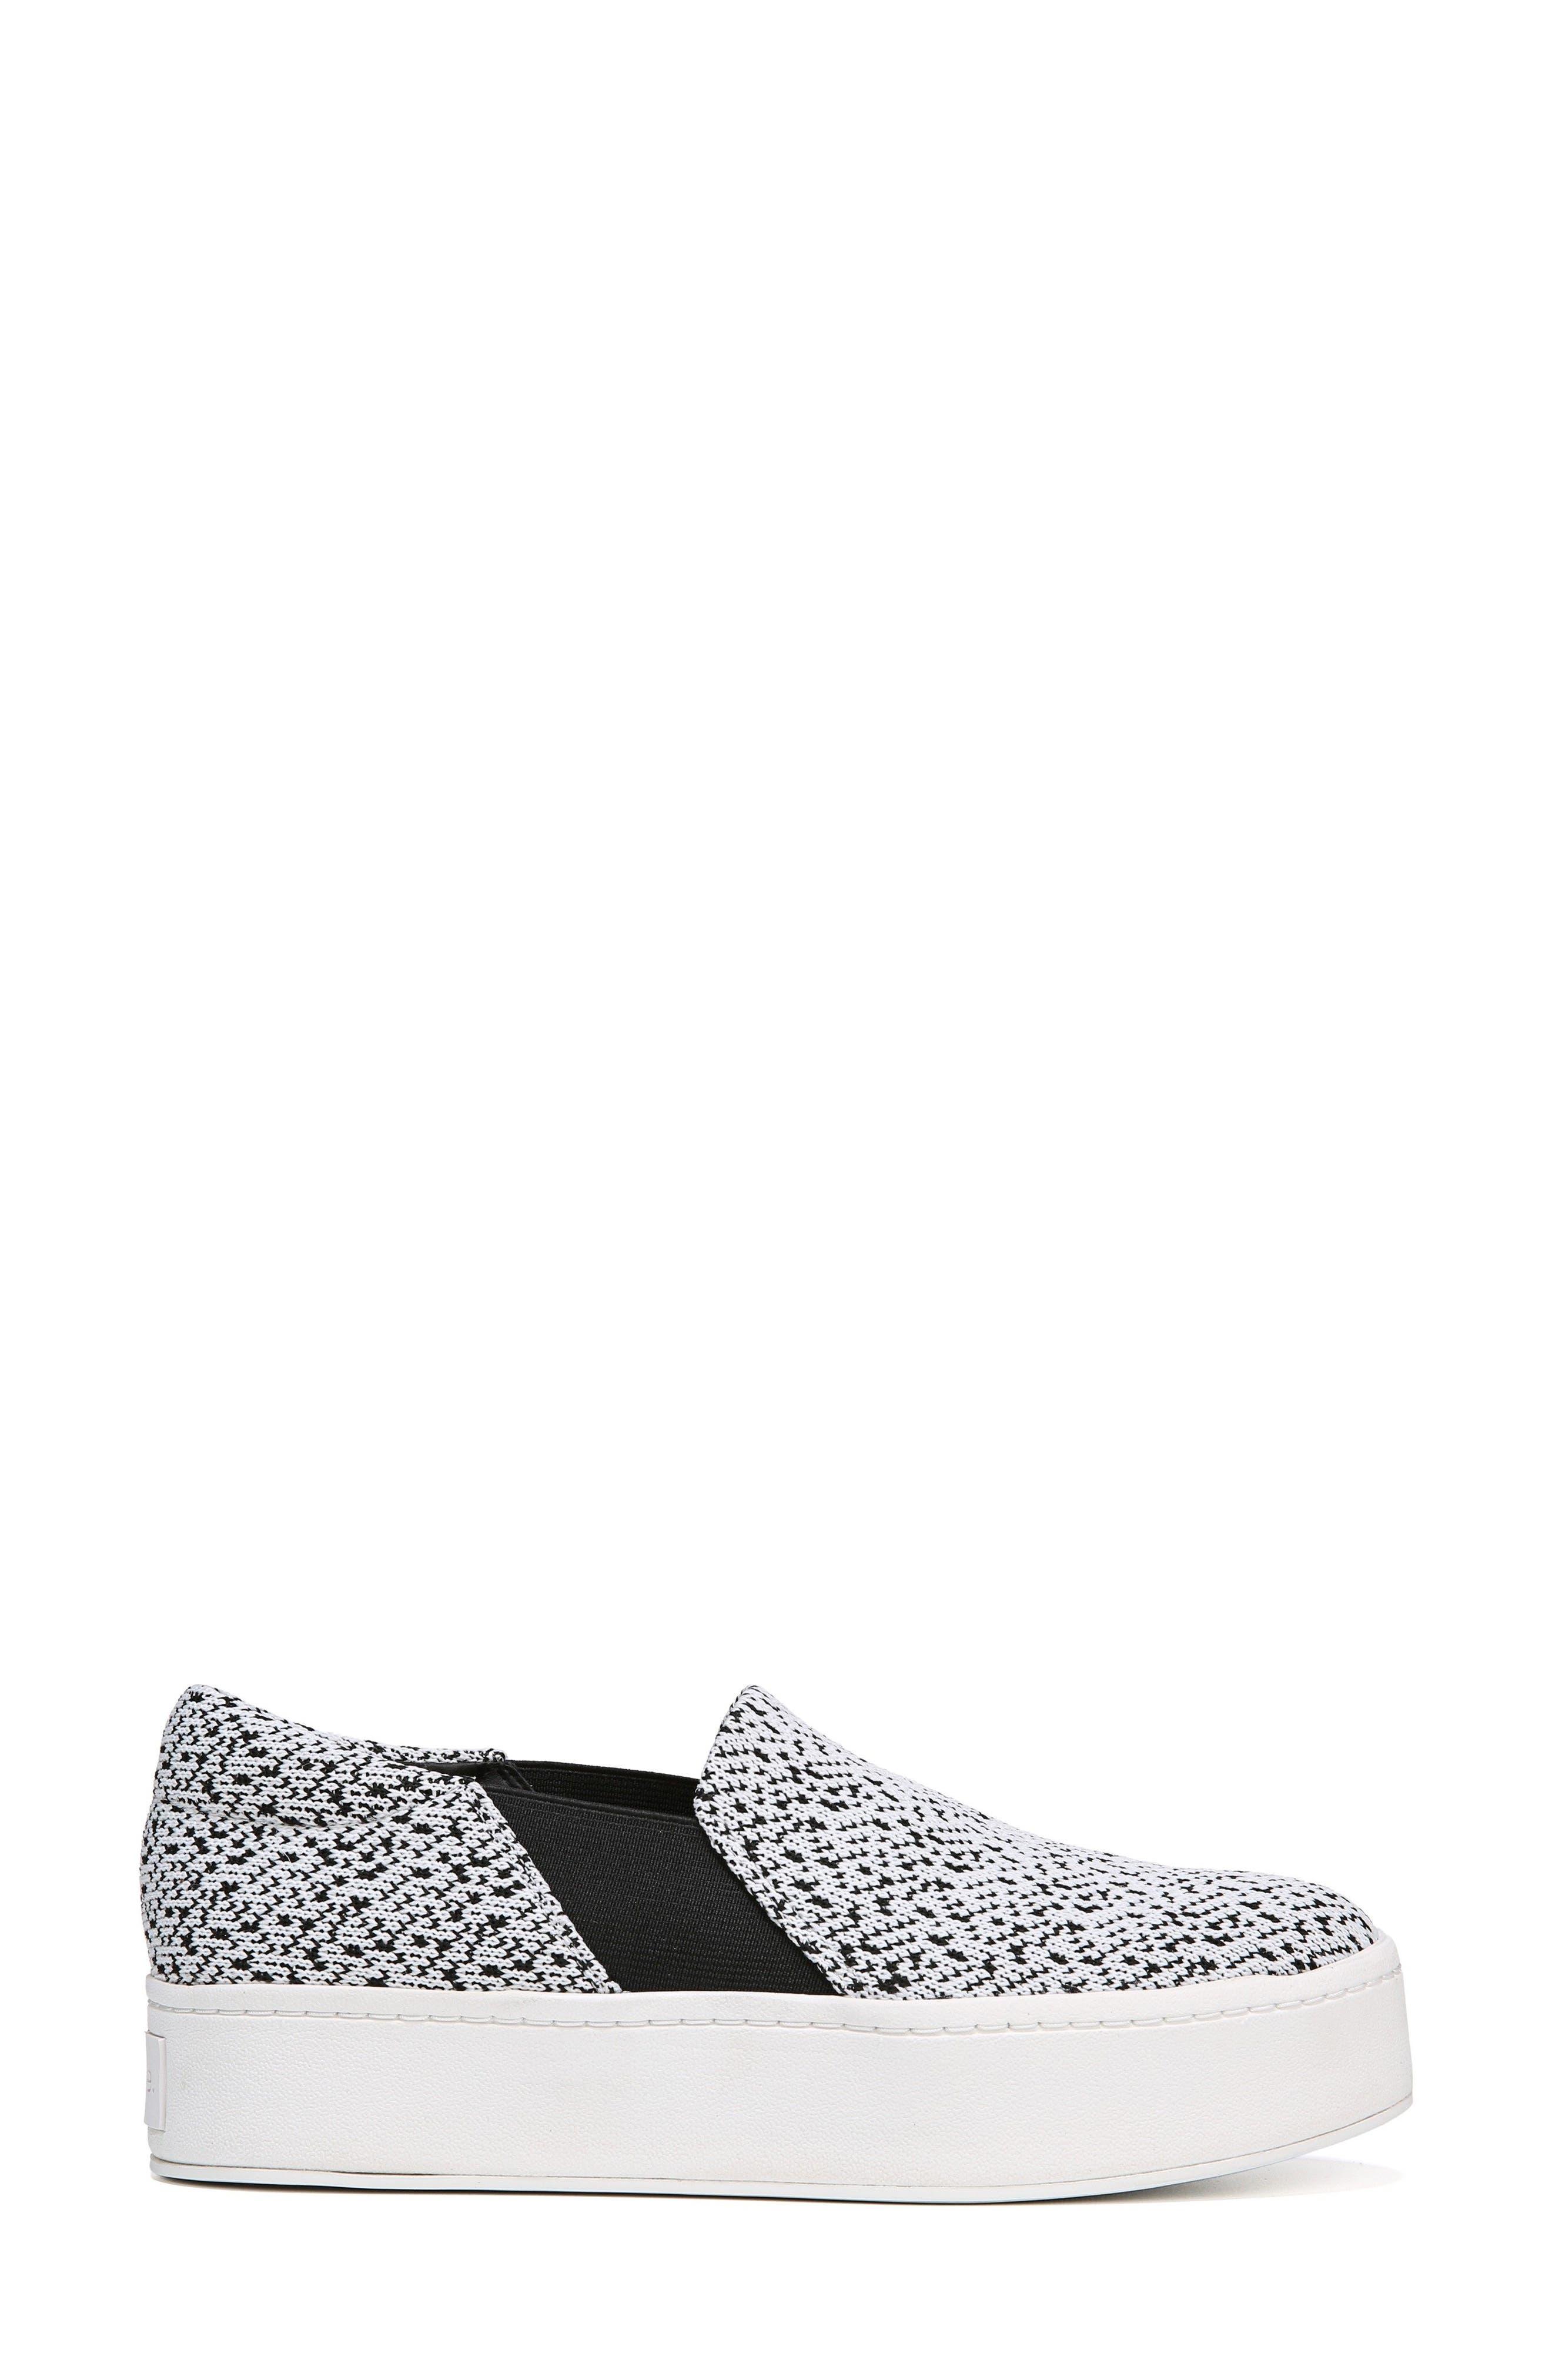 Warren Slip-On Sneaker,                             Alternate thumbnail 3, color,                             WHITE/ BLACK